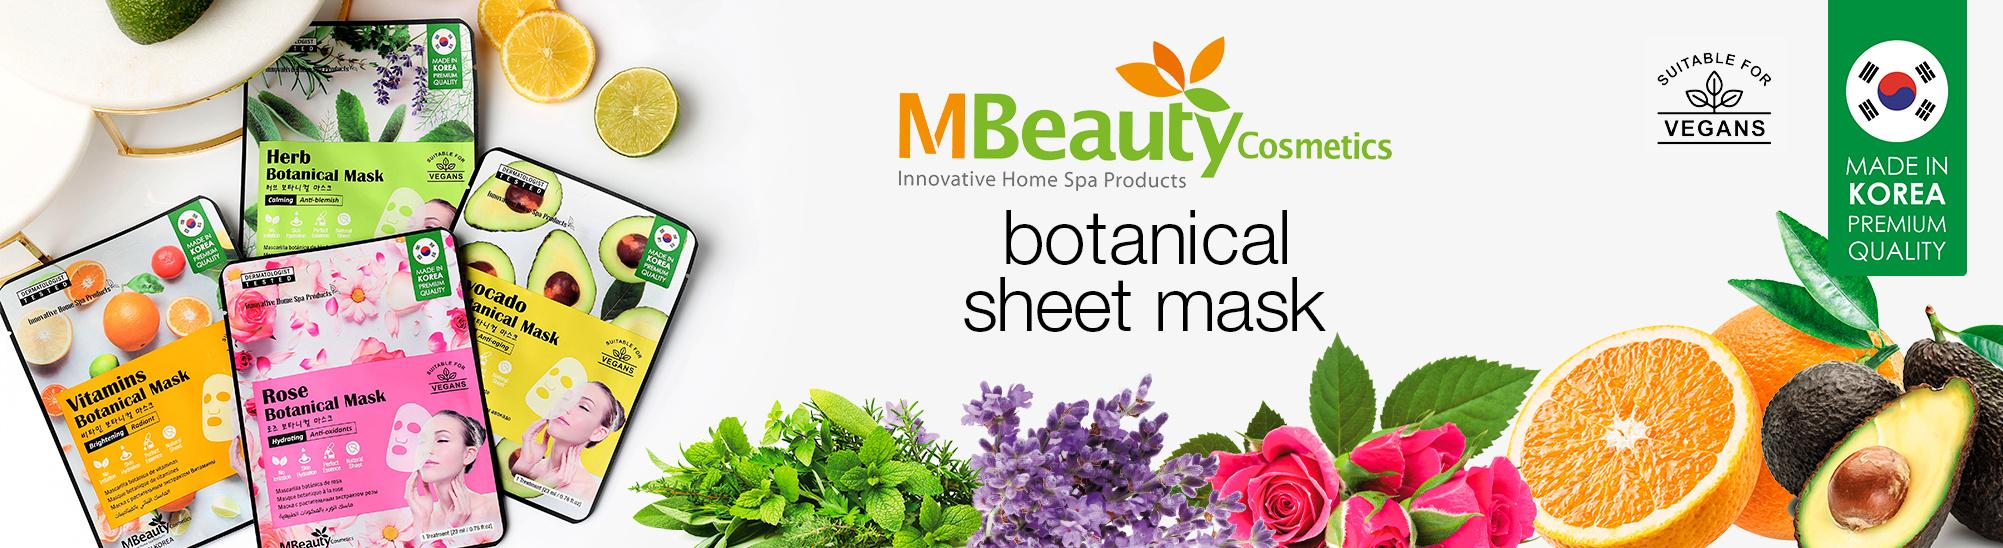 [MBeauty - botanical masks]